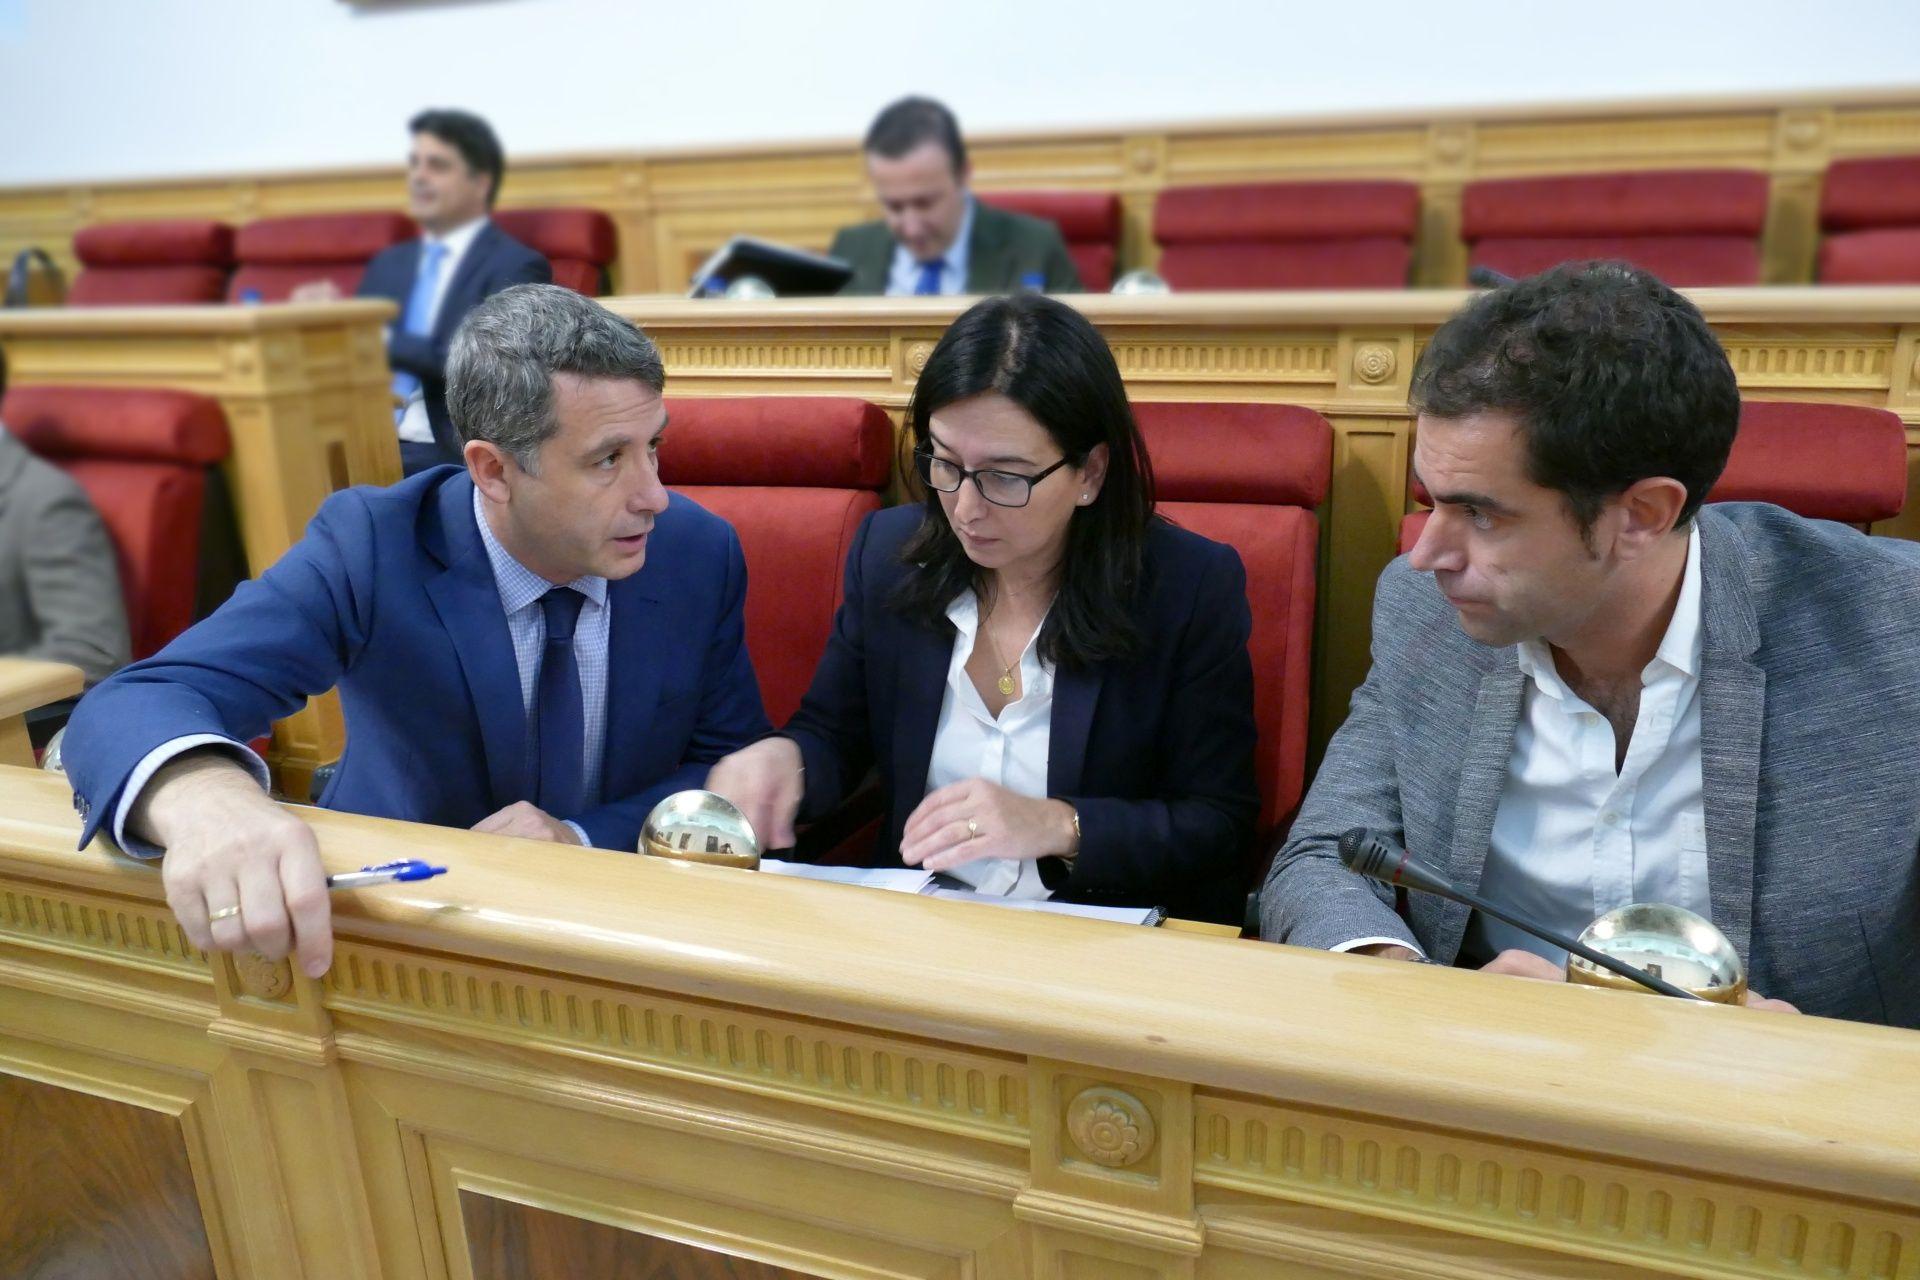 Ciudadanos Toledo reclama 50.000 euros para apoyar al tejido asociativo que continúa sin acceso a recursos municipales en 2021